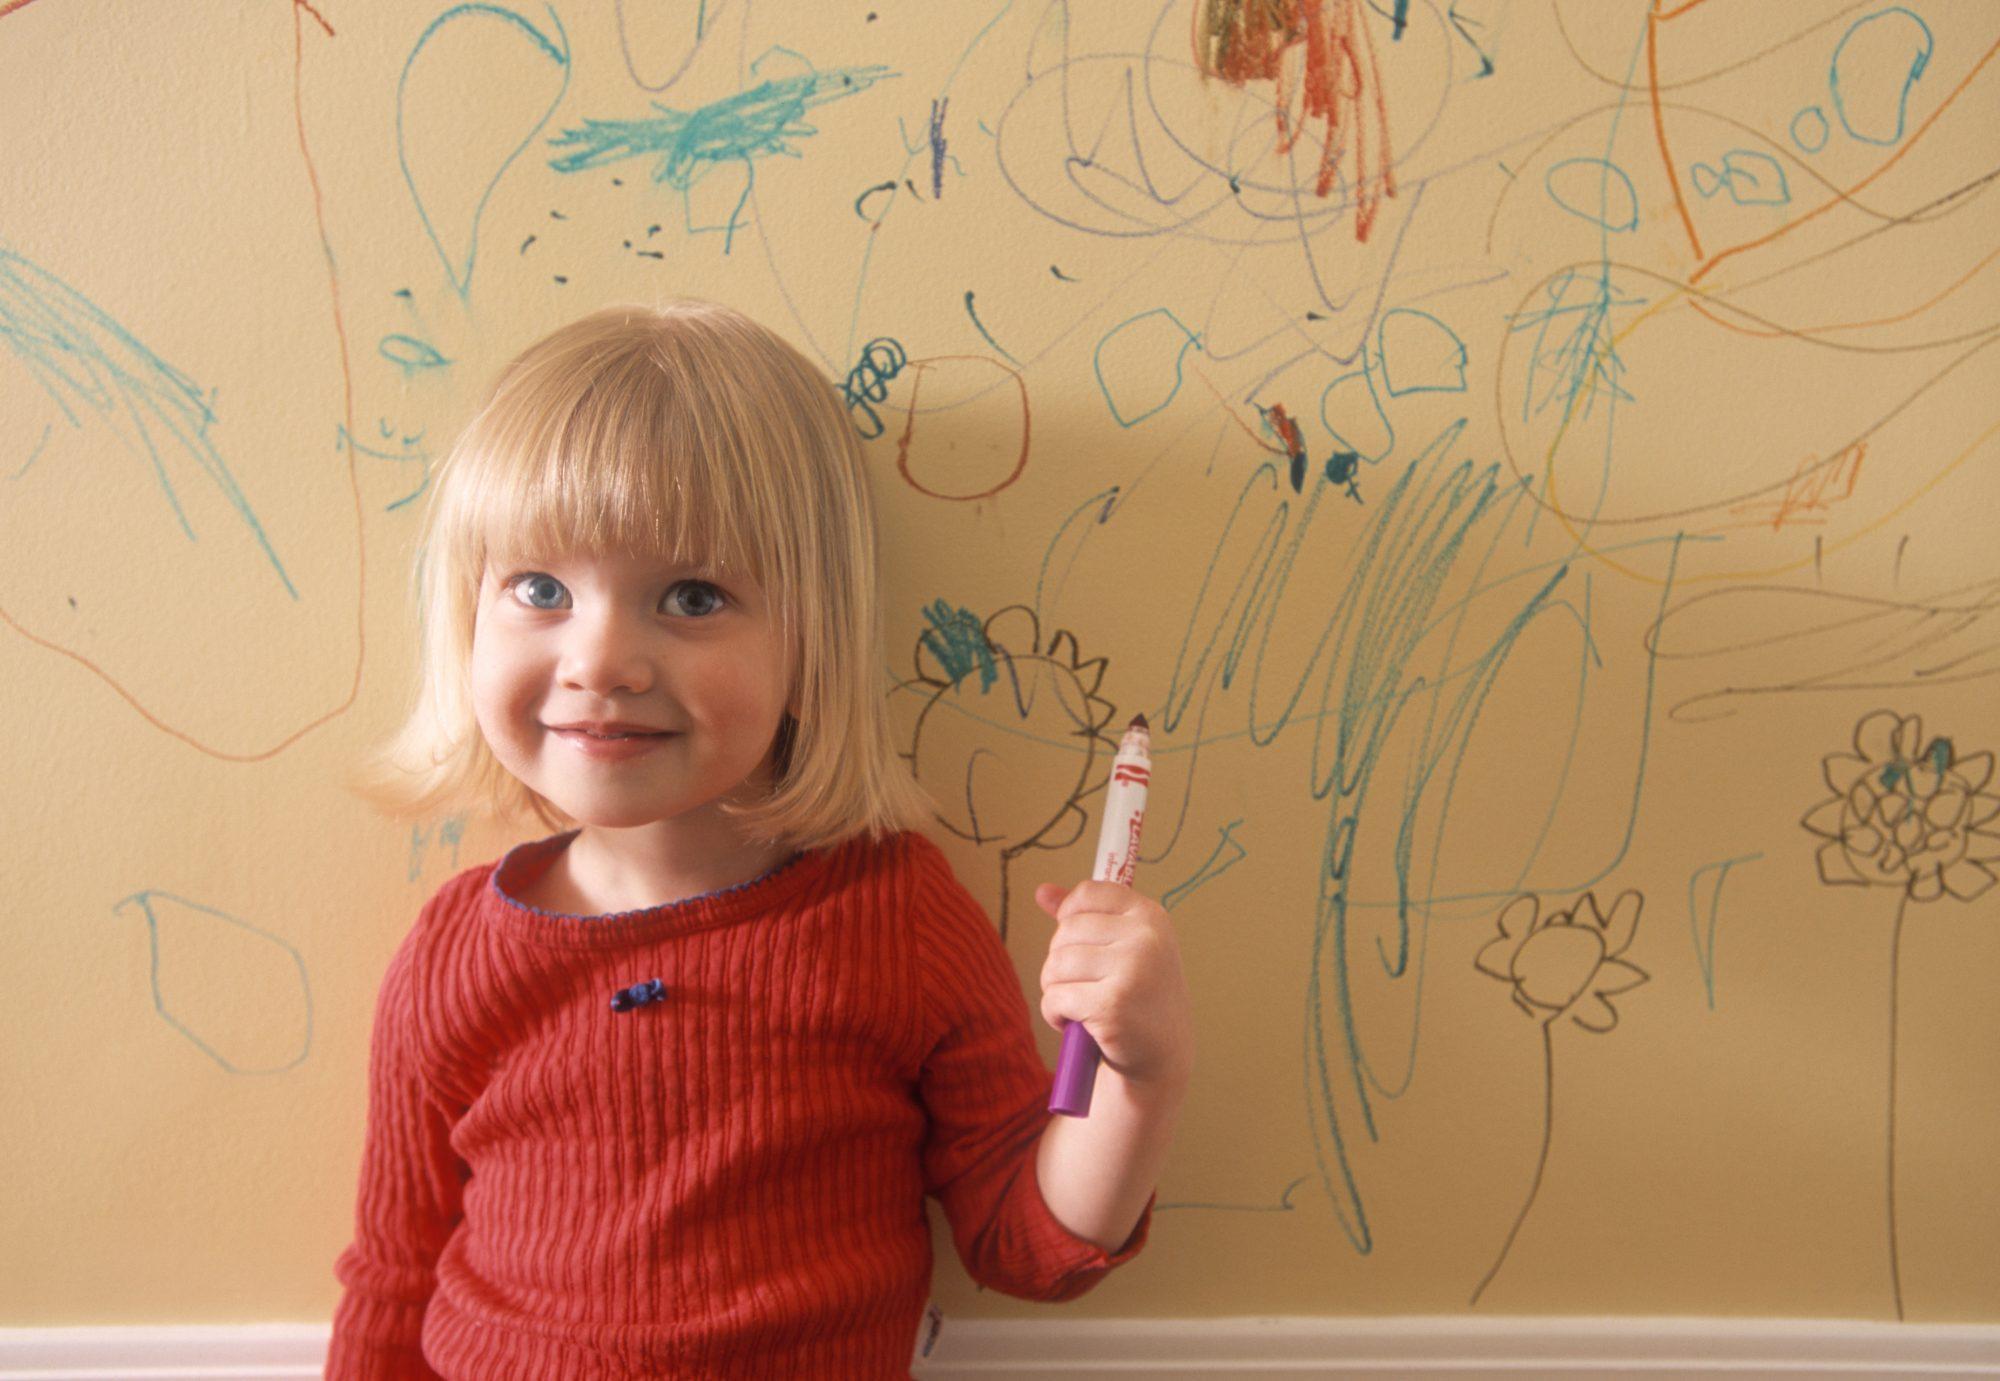 Por qué los niños rayan las paredes? — FMDOS